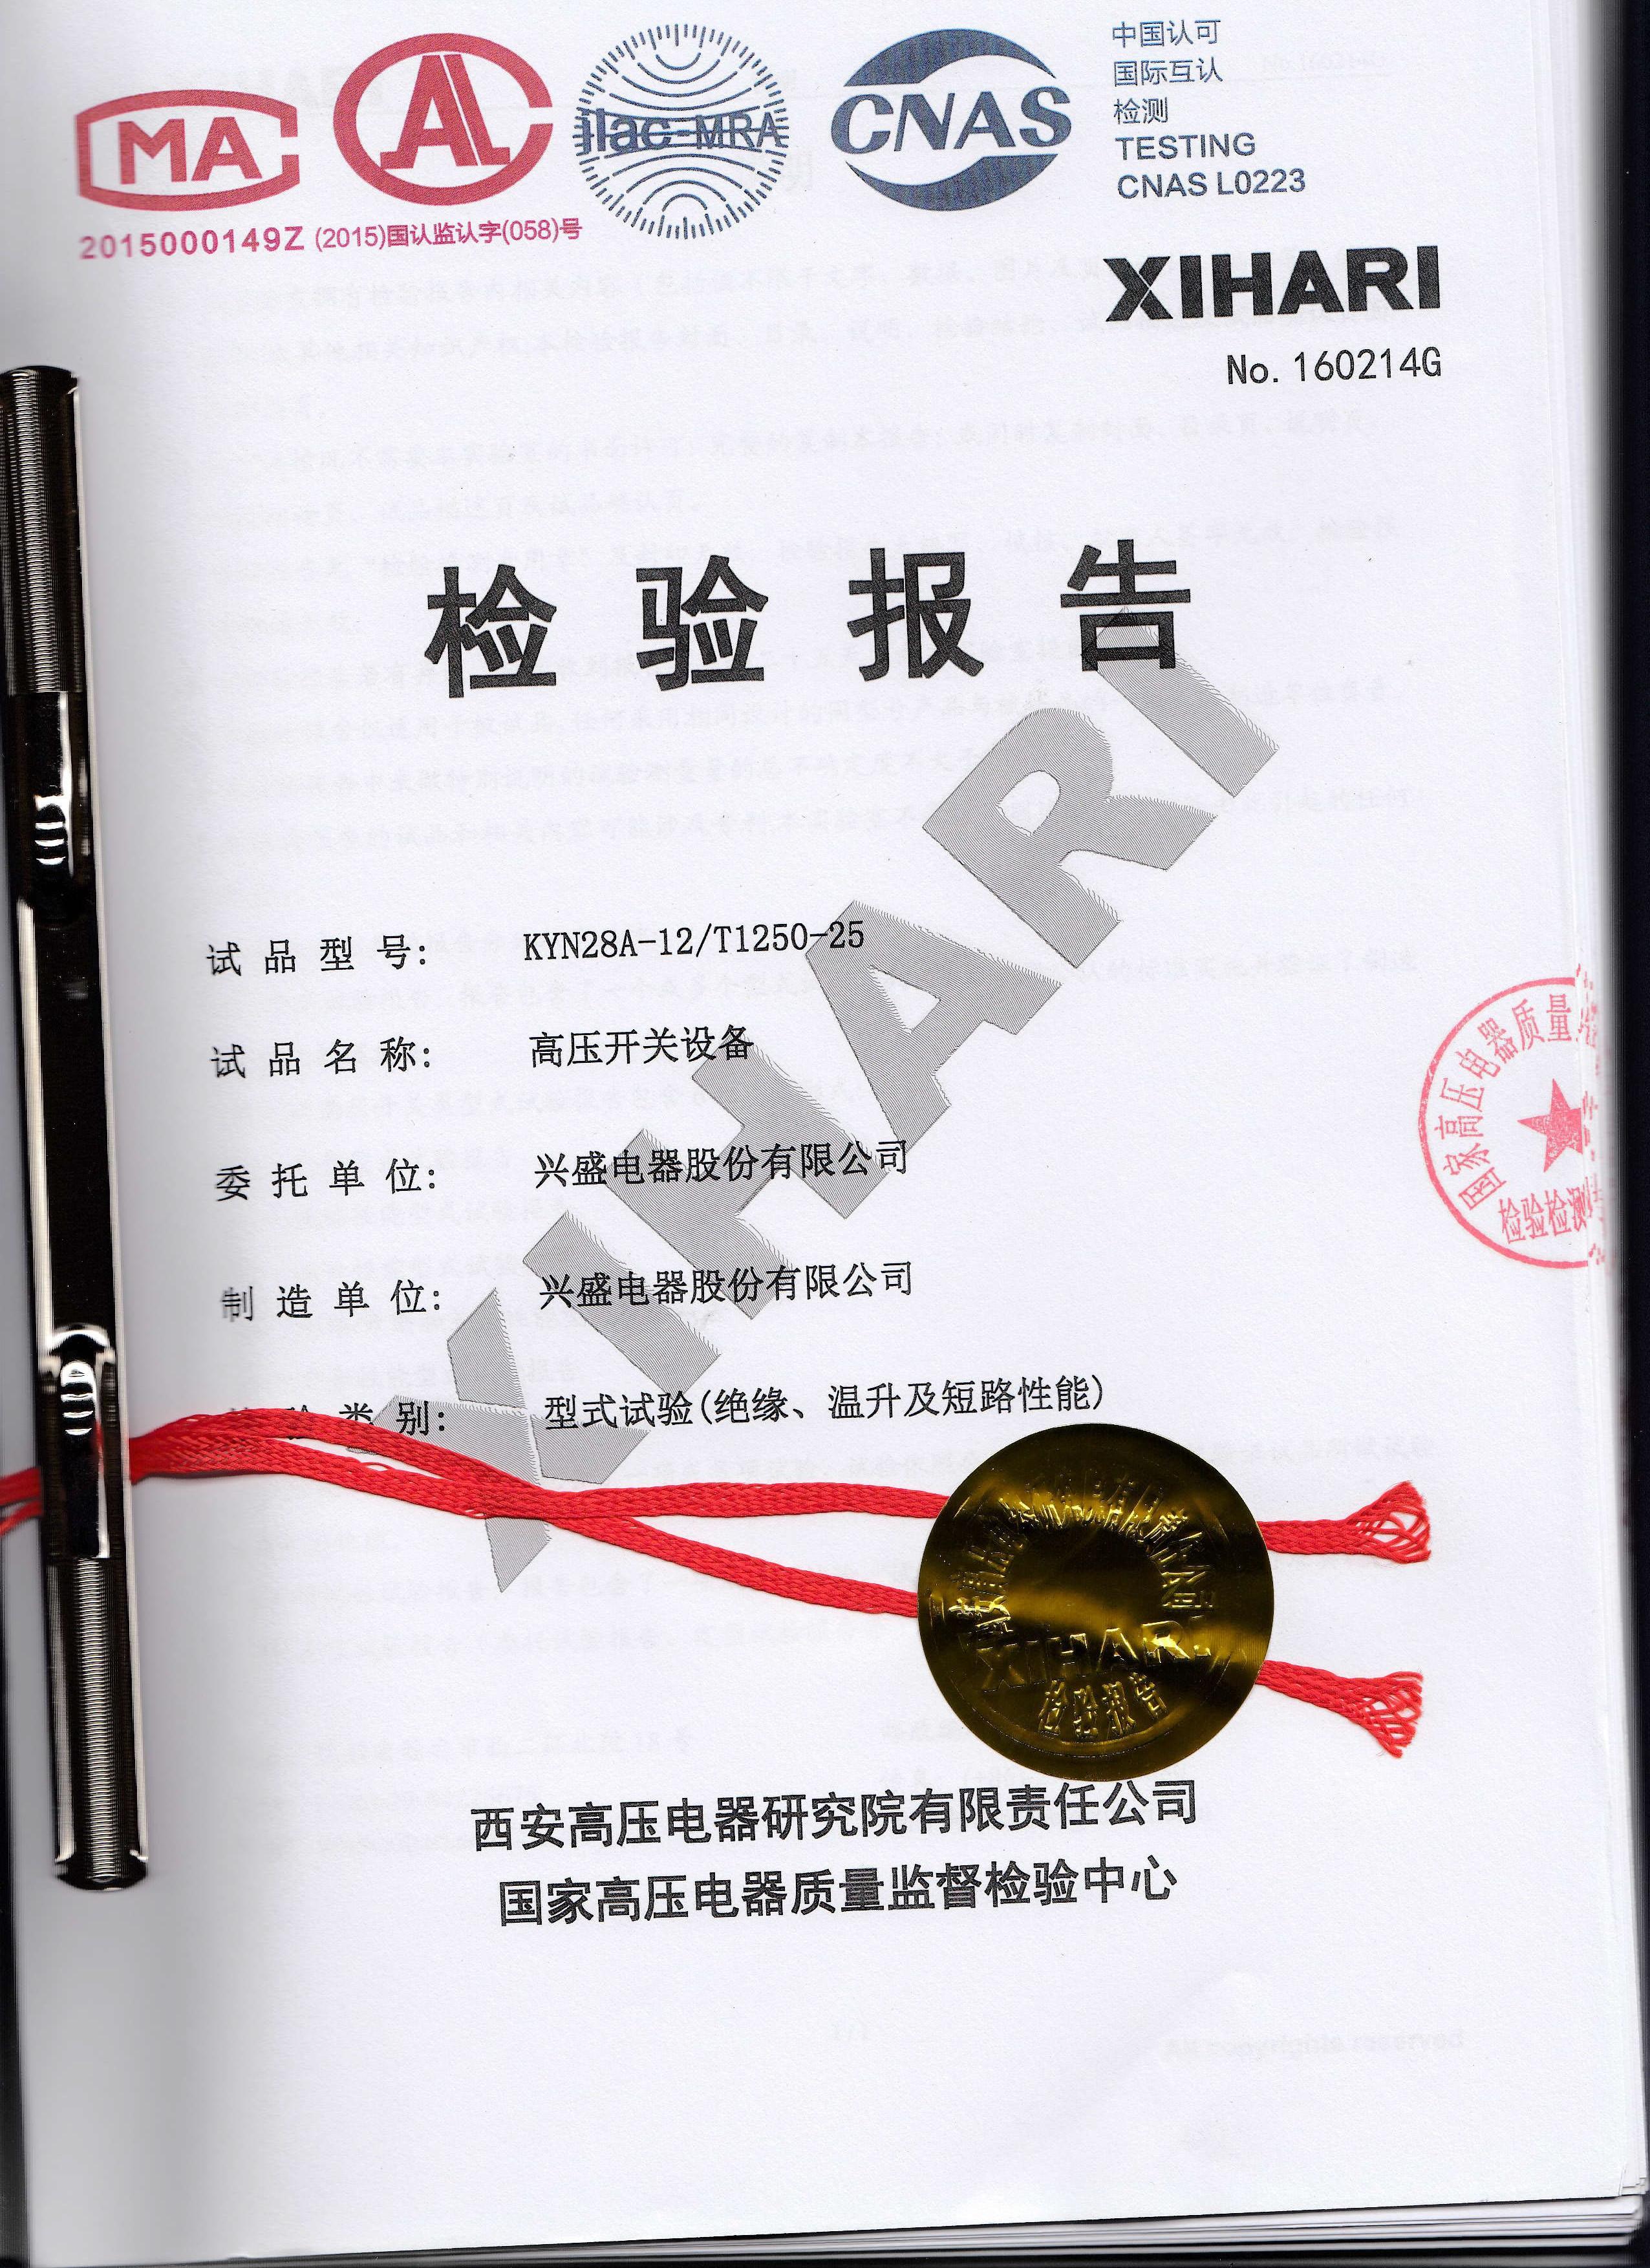 高压开关设备KYN28A-12(1250-25)型式检验报告